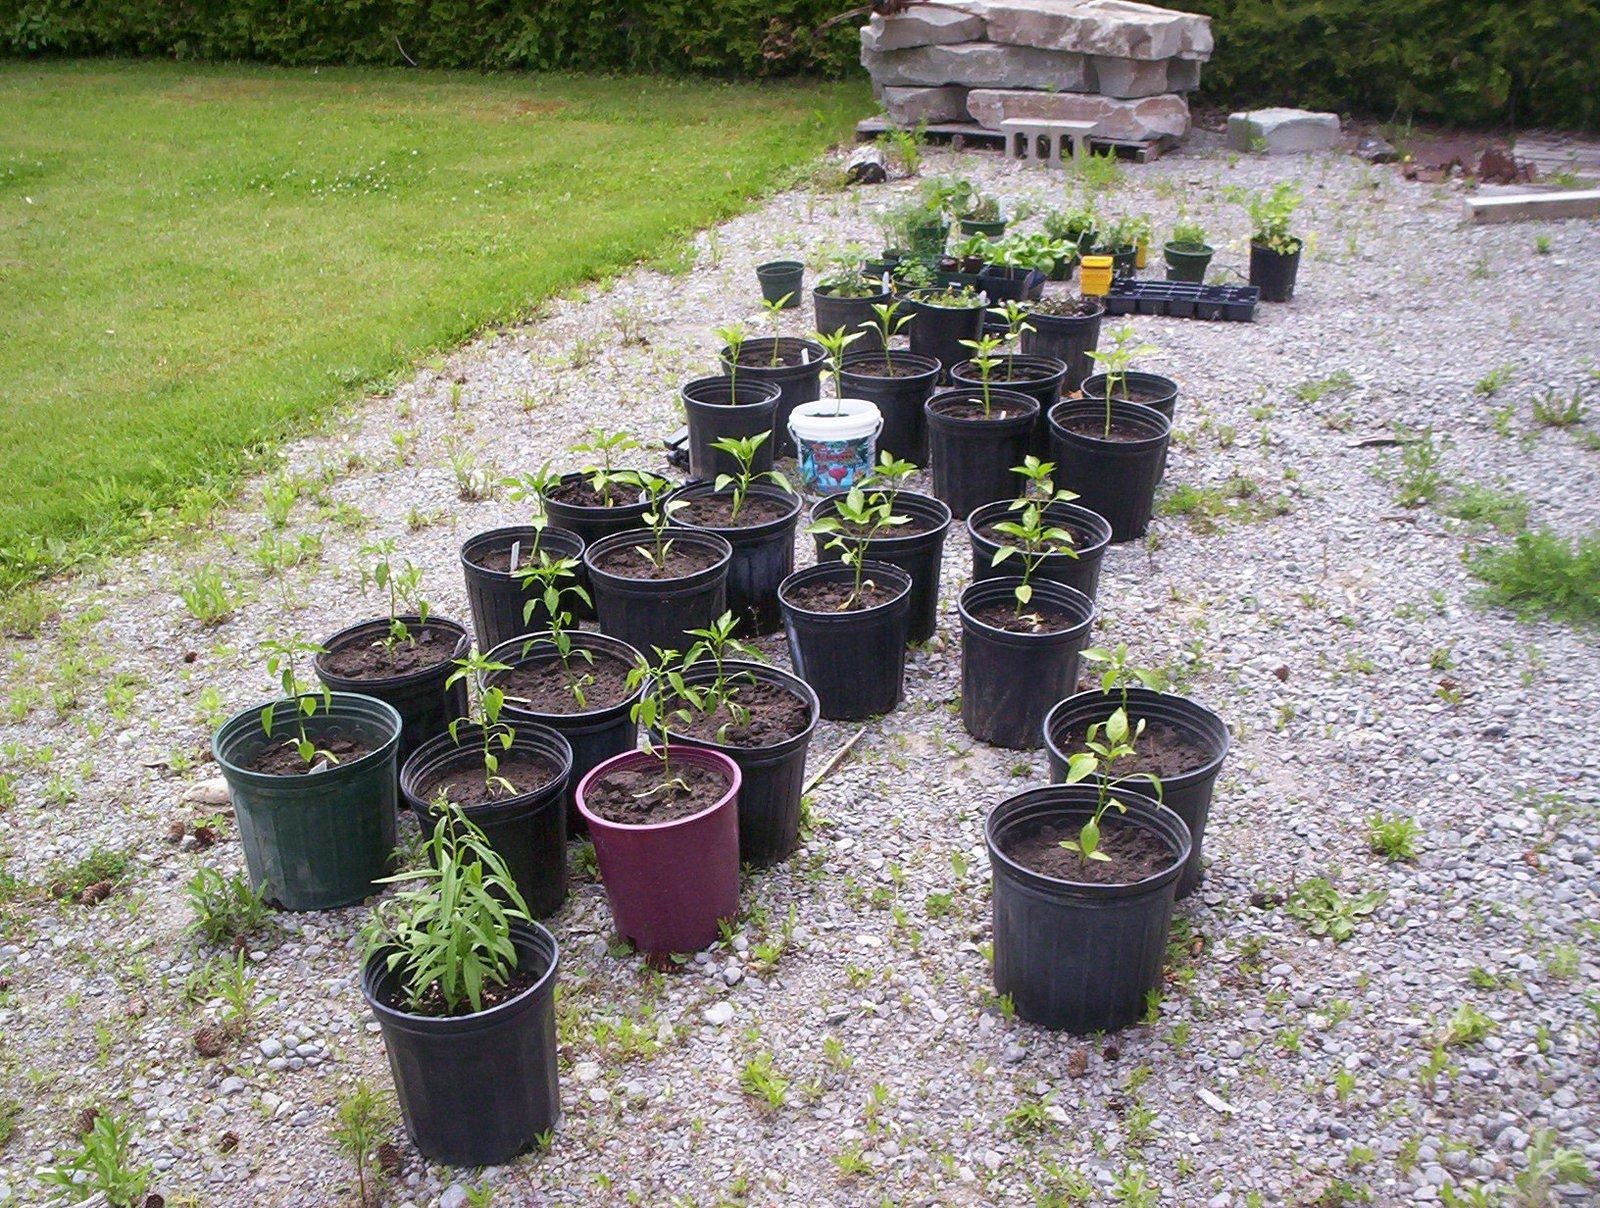 My beginner pot garden